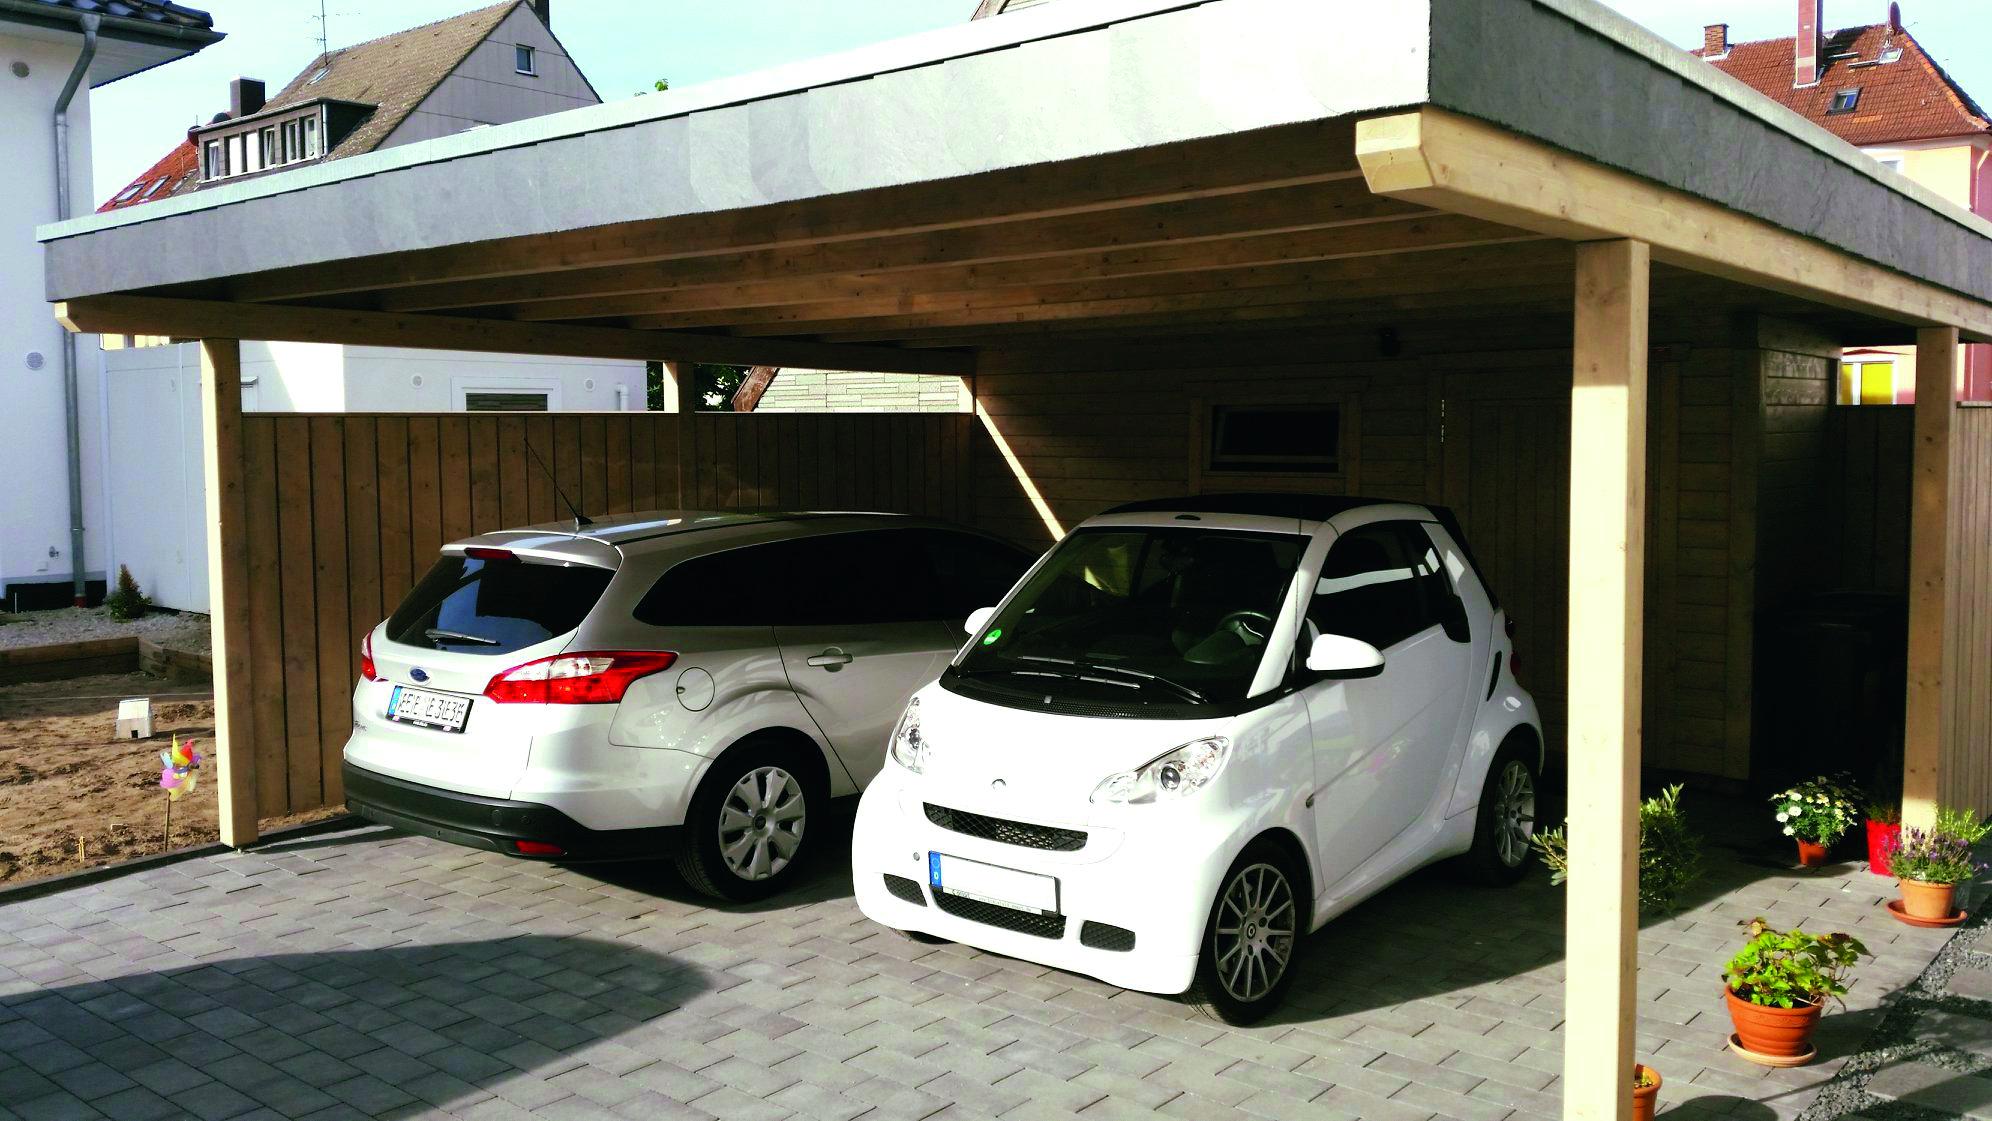 Doppel-Carport mit Stellfläche und Abstellraum